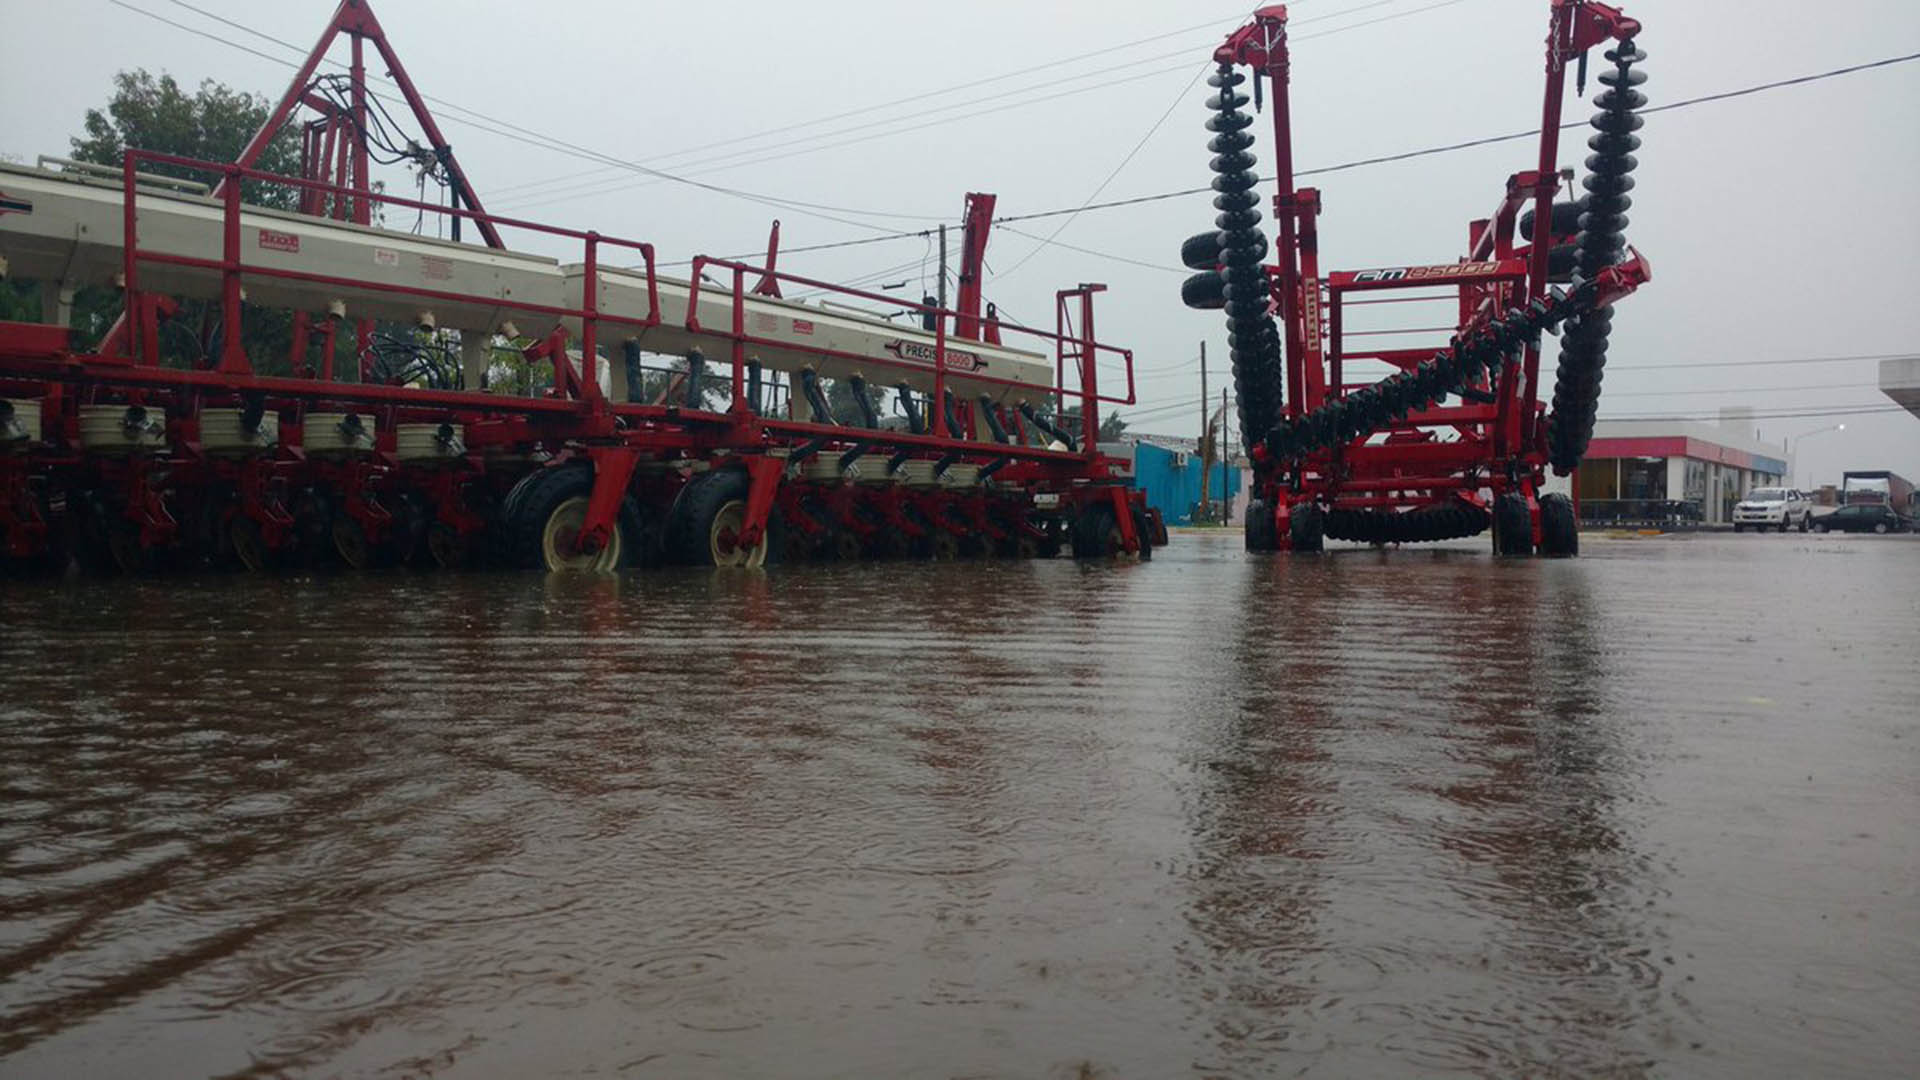 En Chaco cayeron más de 200 milímetros de agua(Twitter: @ladrenlosdemas)